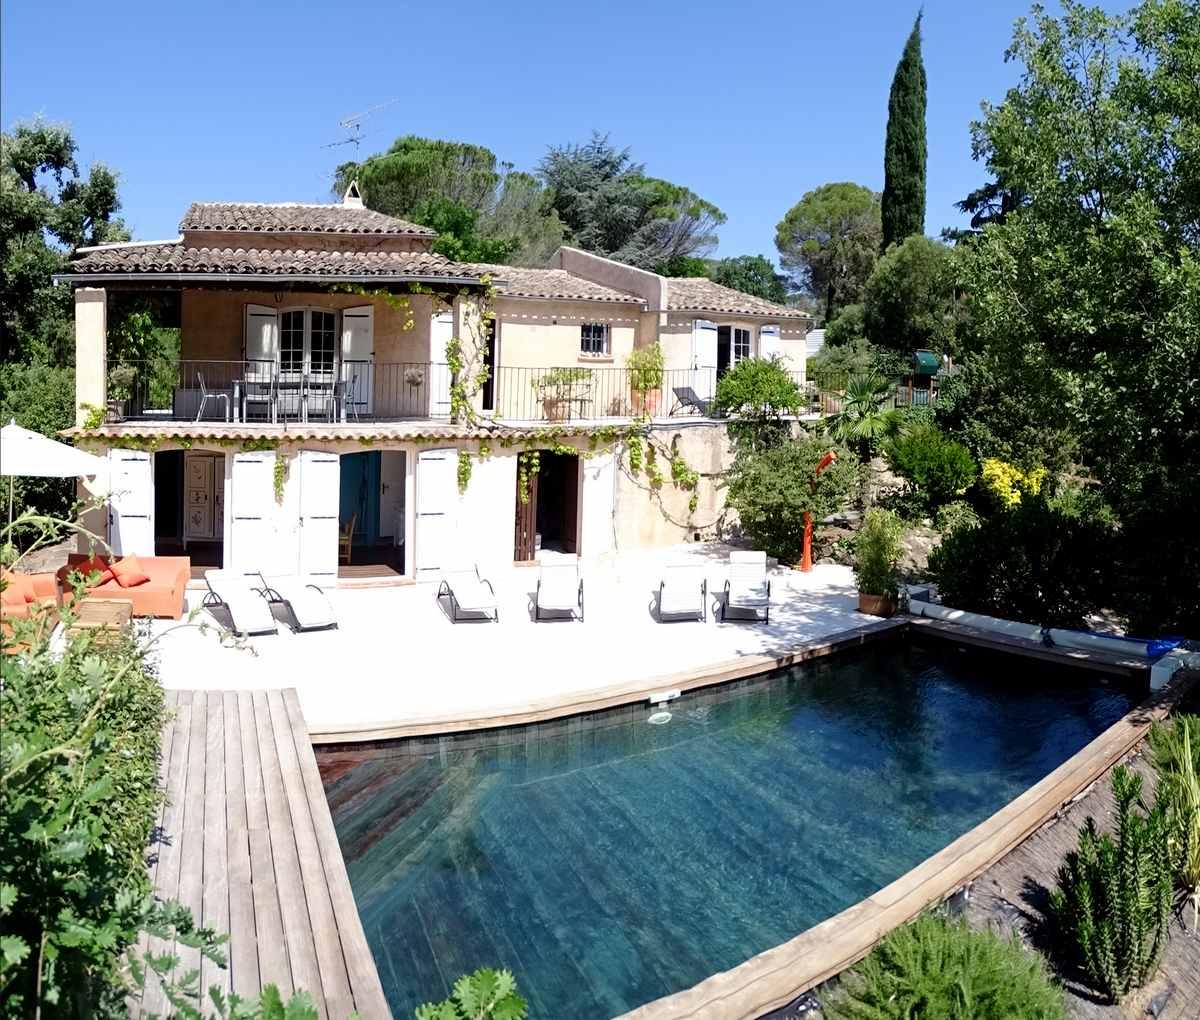 location villa climatise avec piscine valescure frjus saint raphael